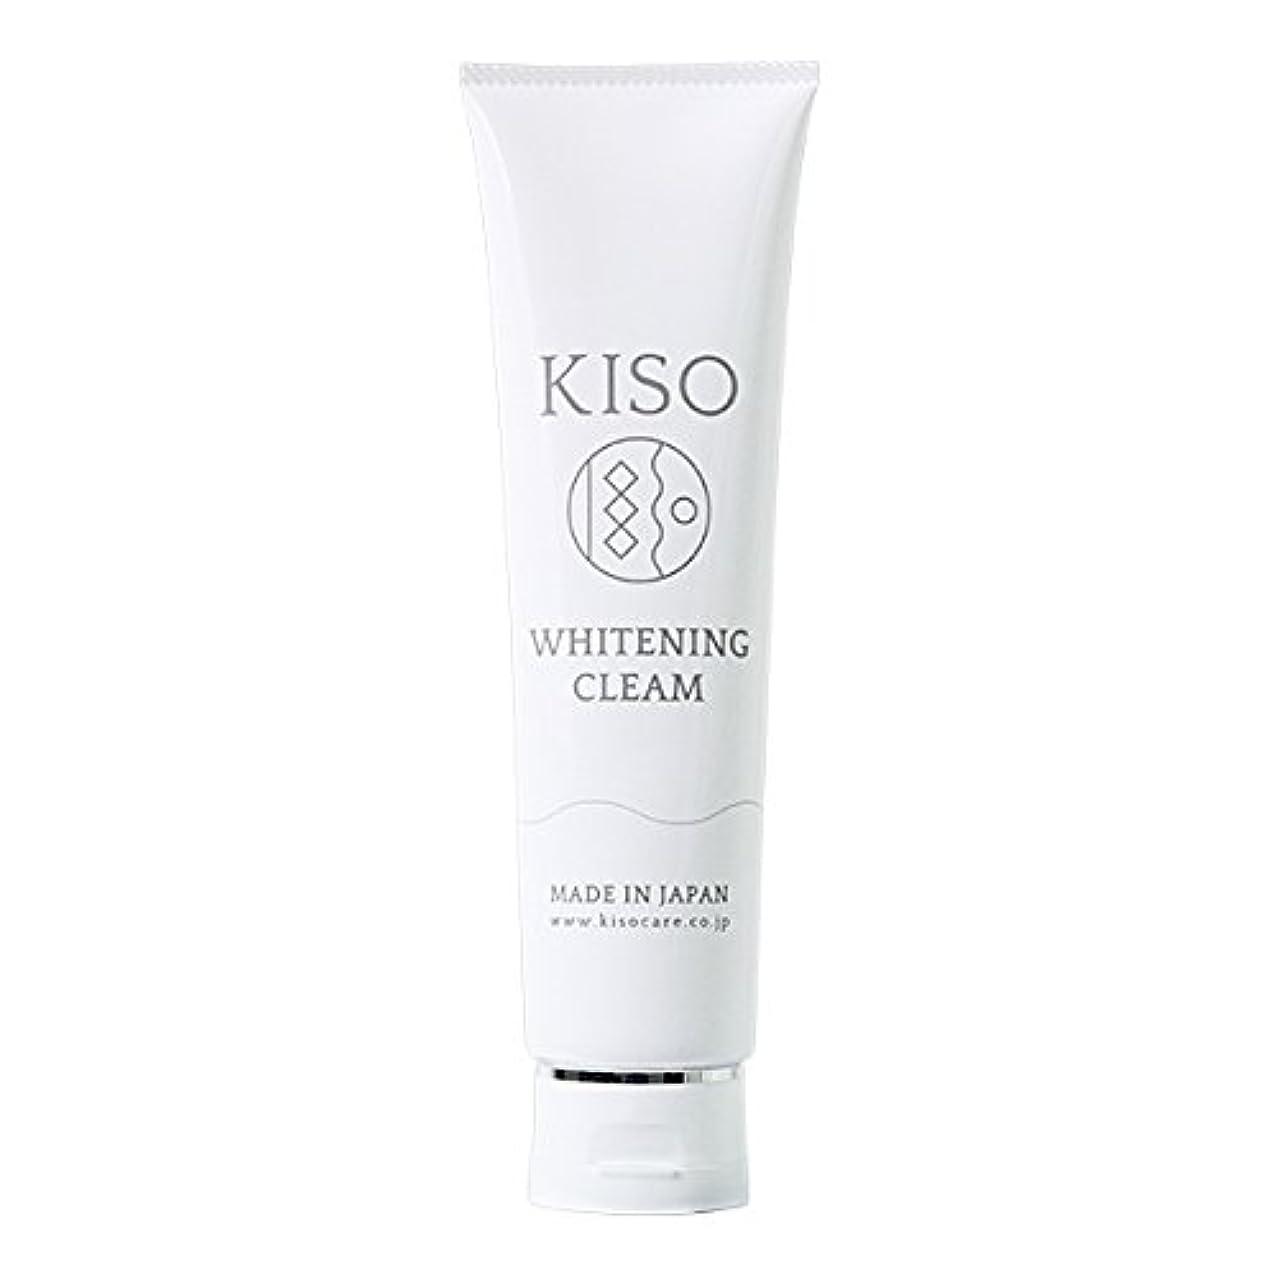 尋ねるヒギンズ見分ける【KISO 薬用 ホワイトニング クリーム 150g】 【医薬部外品】トラネキサム酸2%配合クリーム。